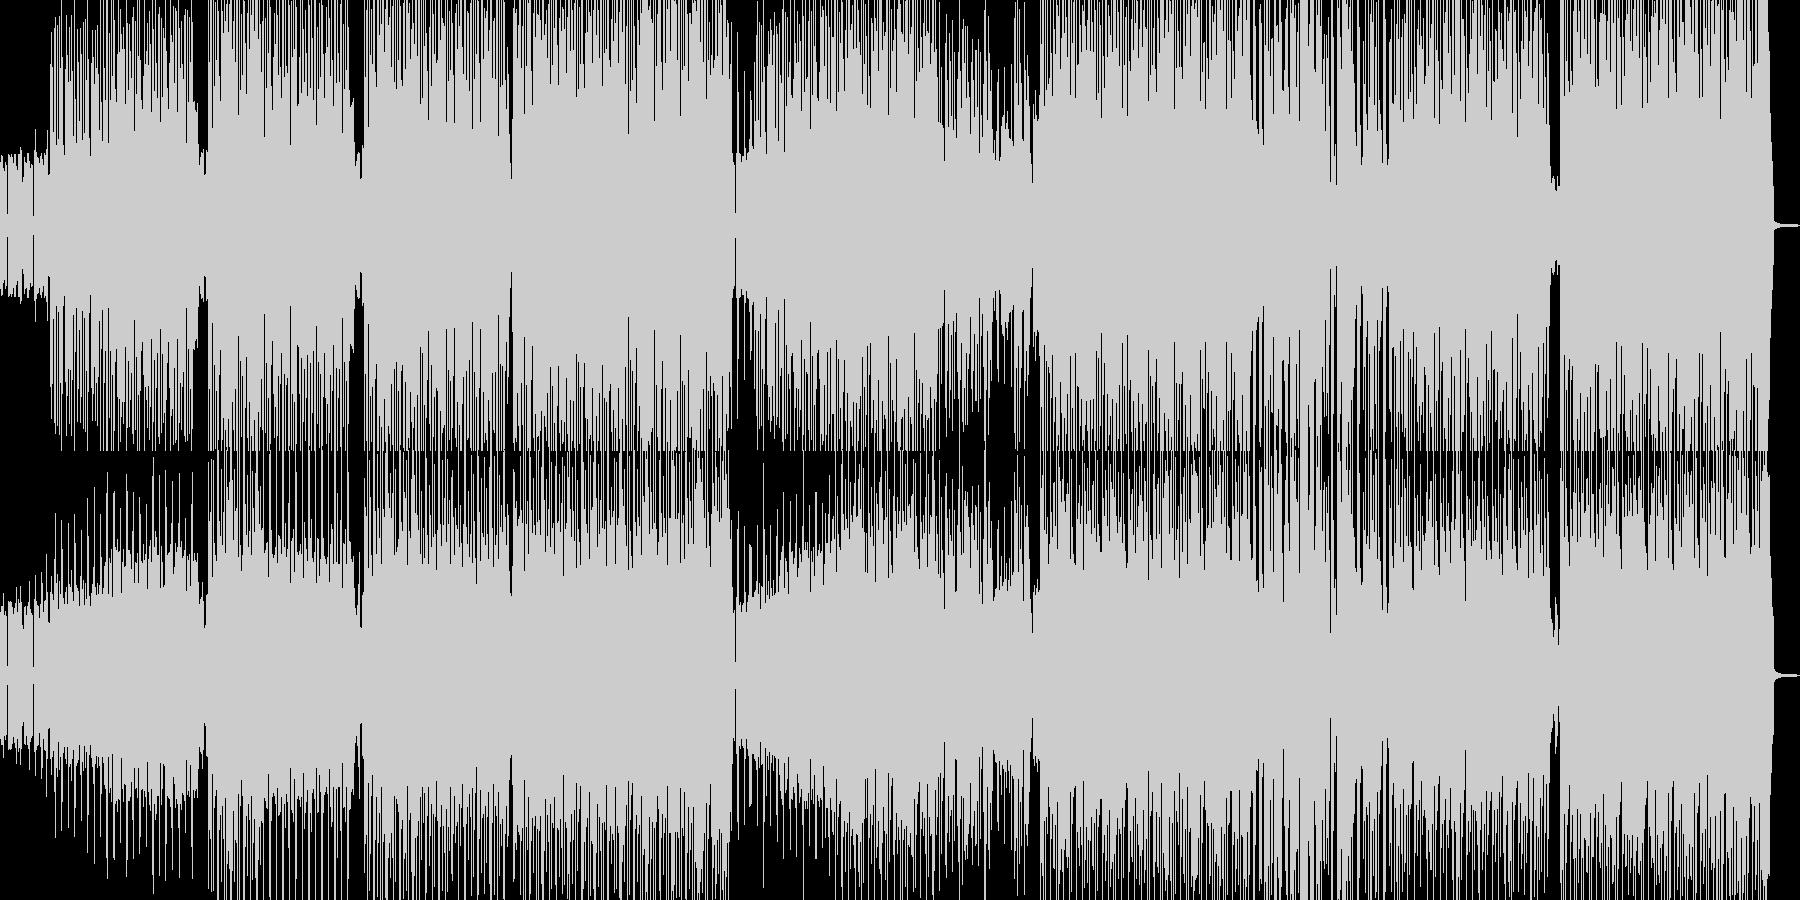 ファンキーでダチ公イメージのヒップホップの未再生の波形